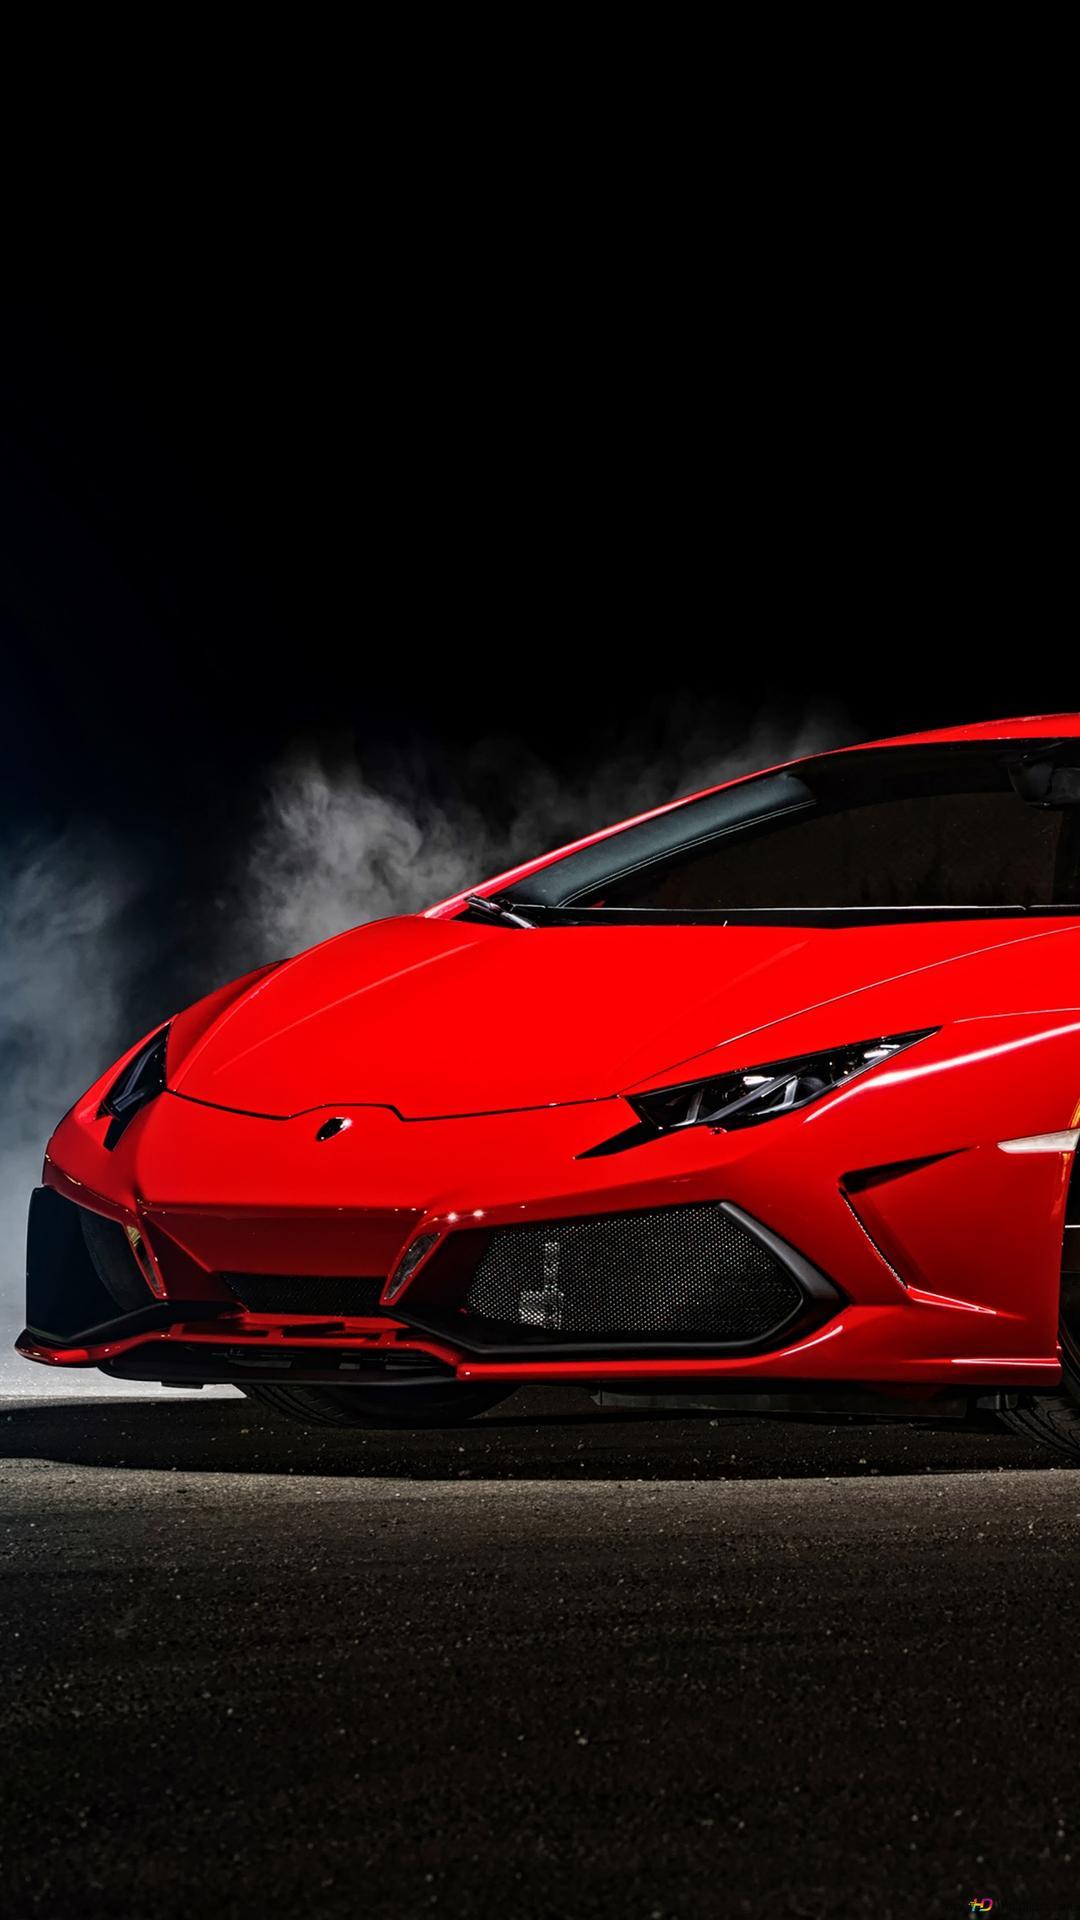 Lamborghini Huracan Avio Hd Wallpaper Download